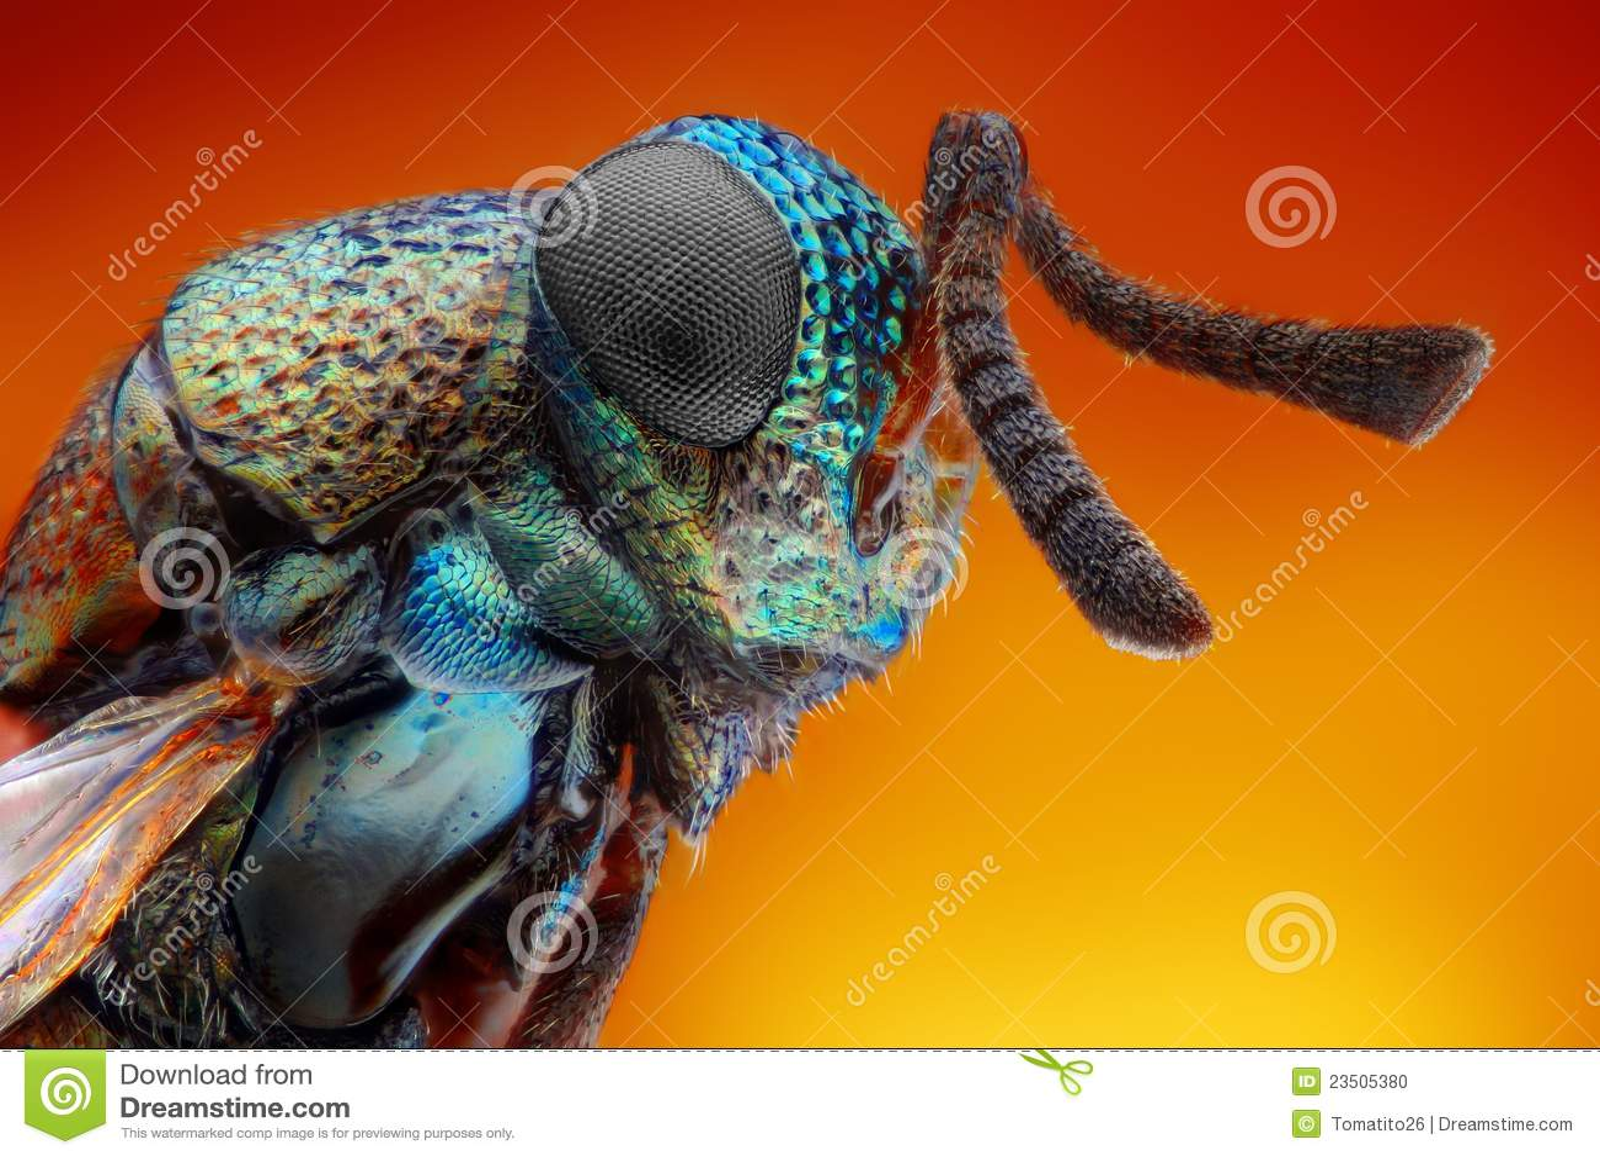 Estudo afiado e detalhado extremo da vespa de 2 milímetros